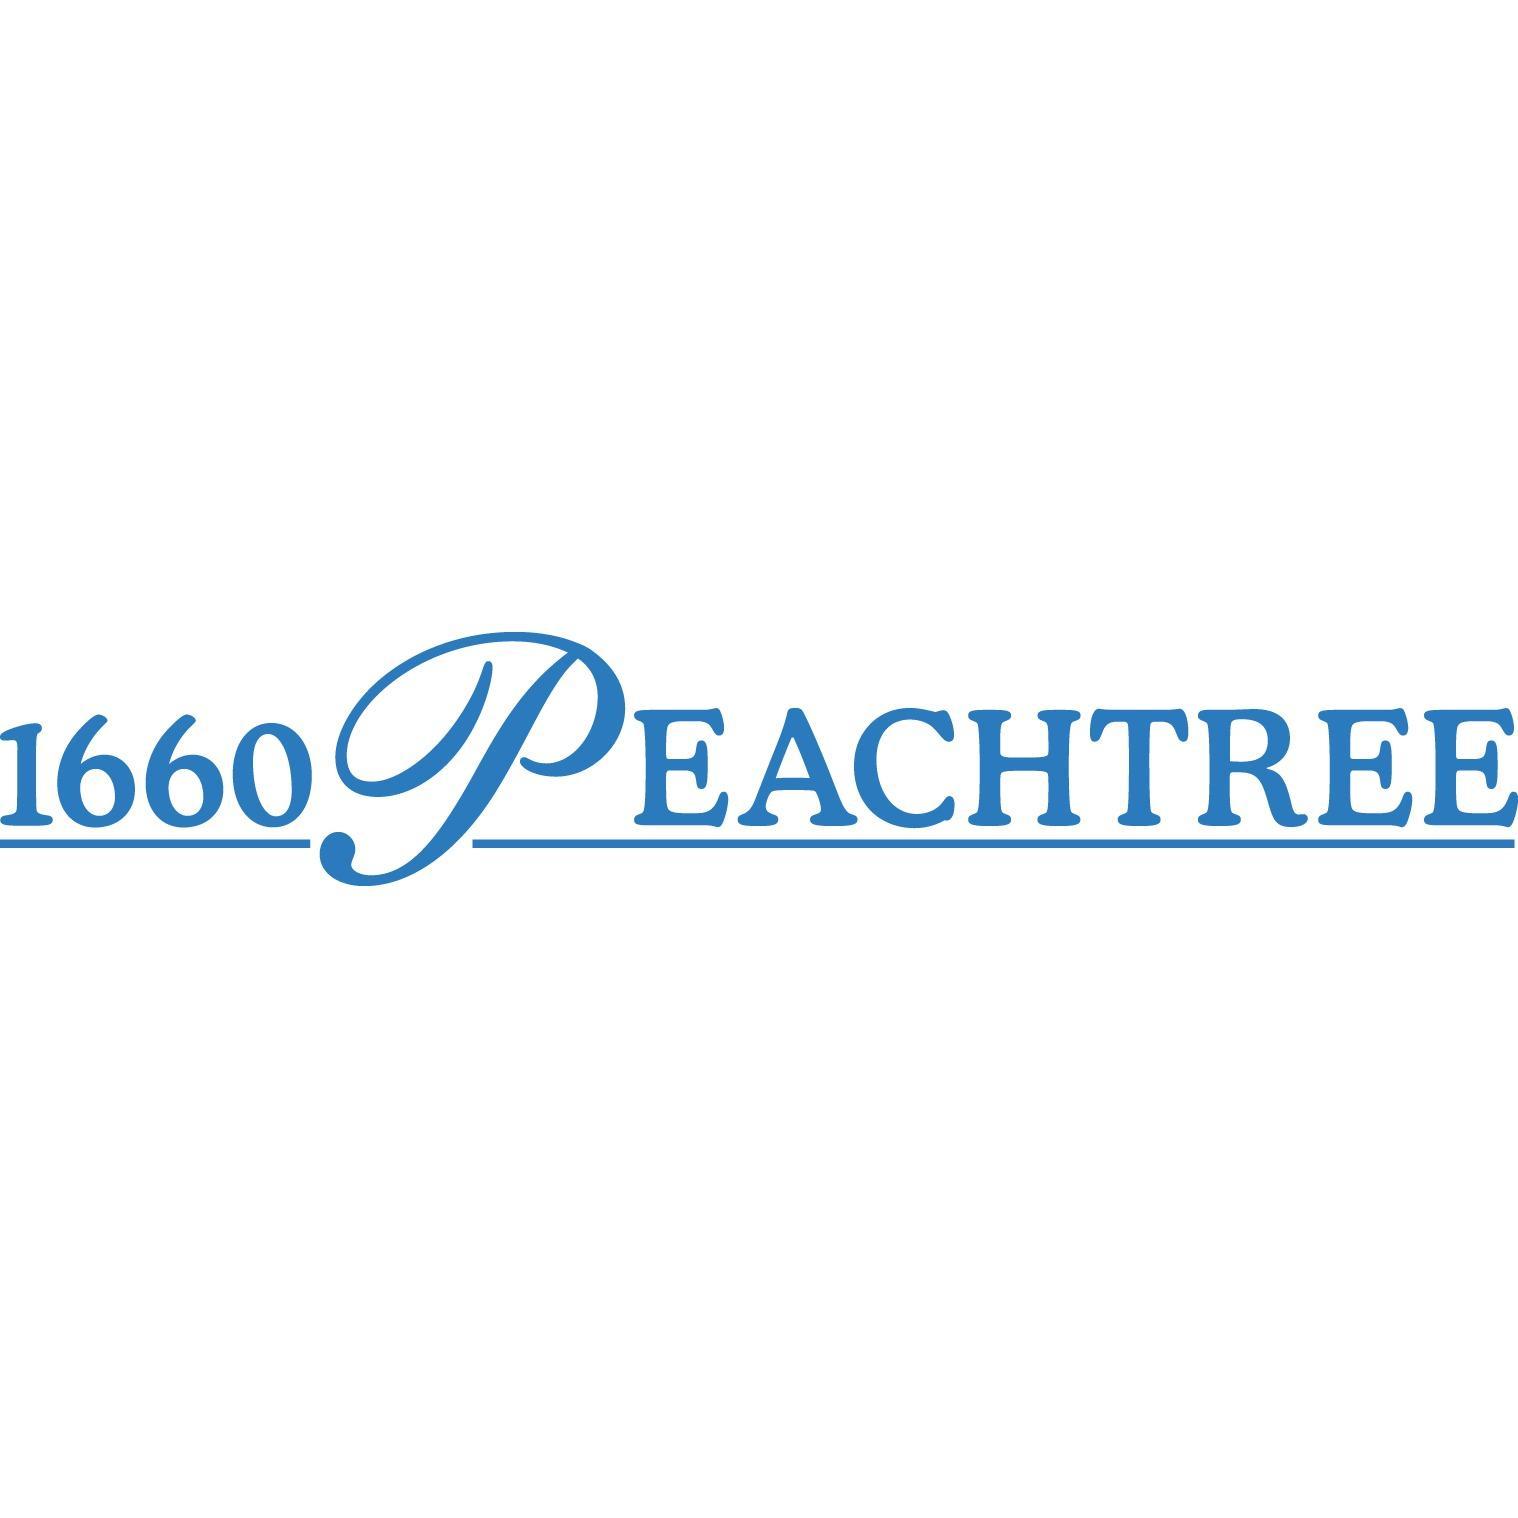 1660 Peachtree